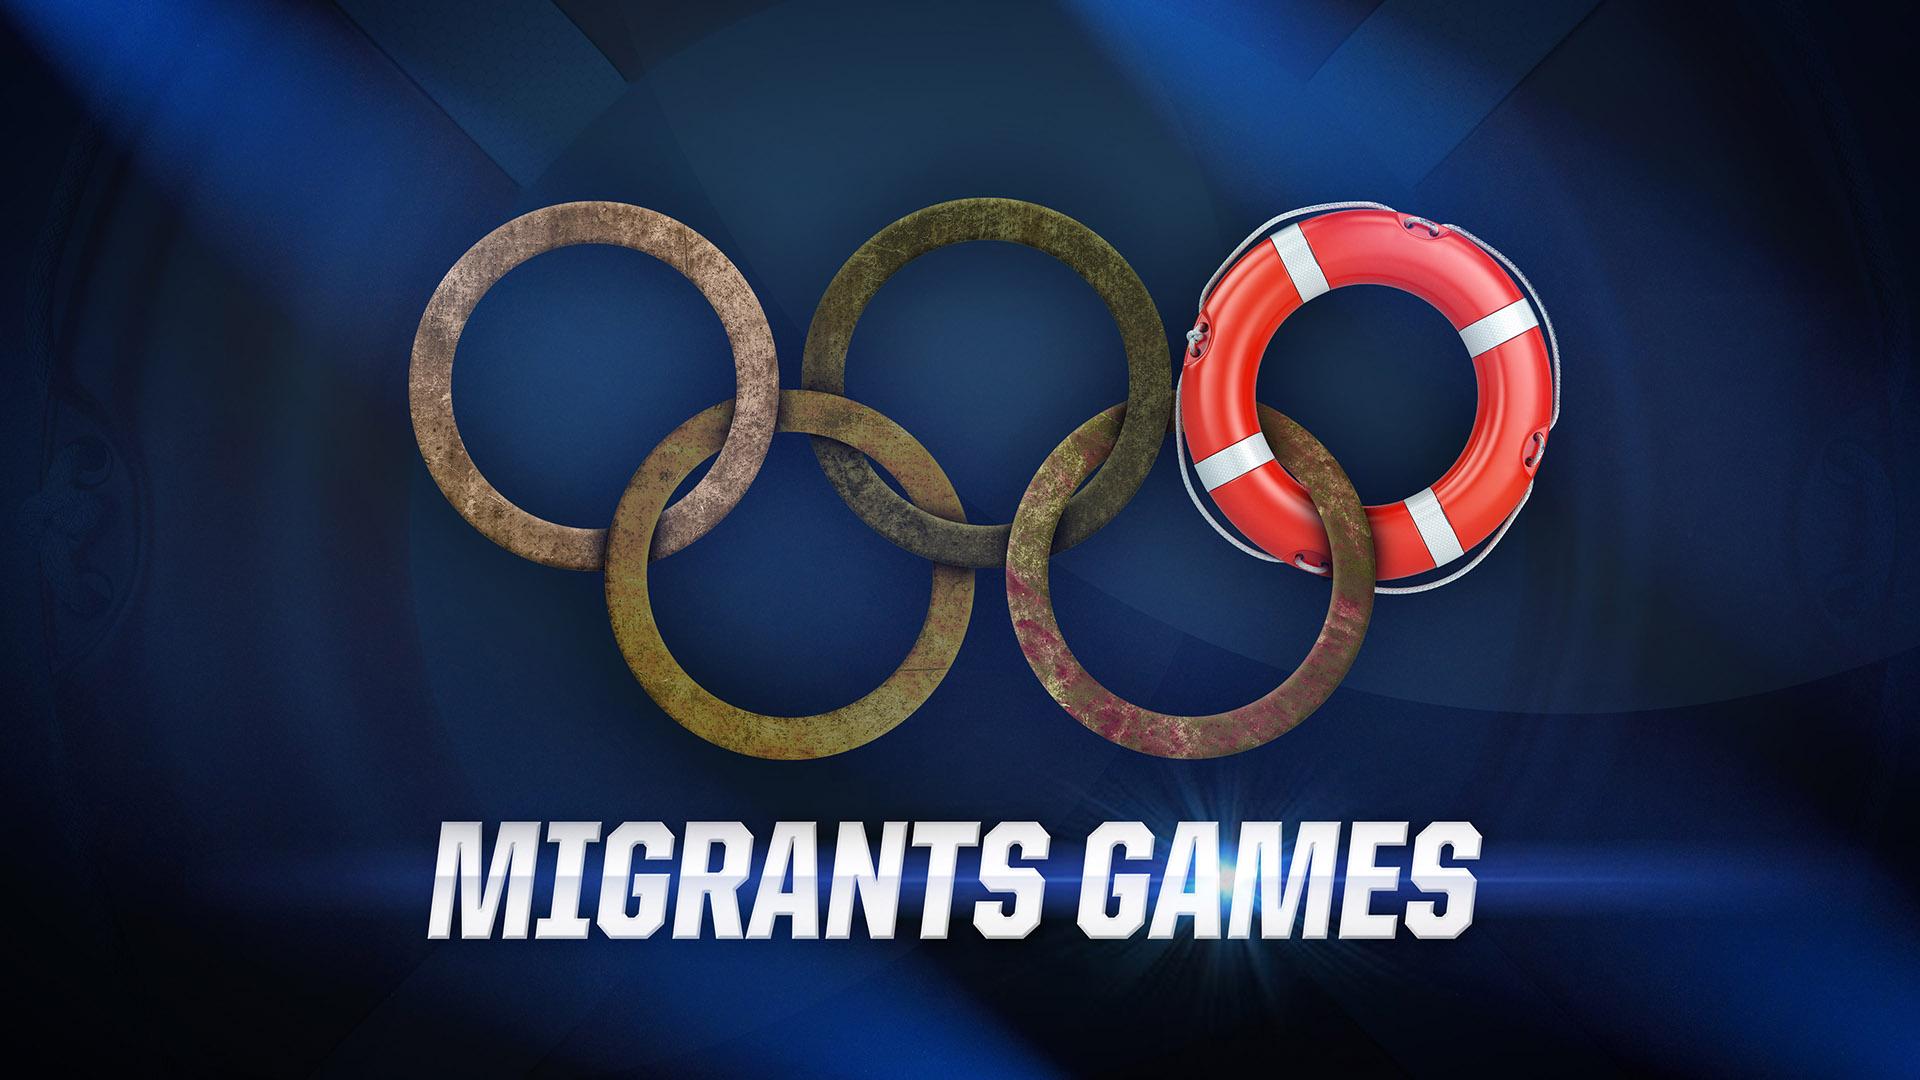 Migrants Games